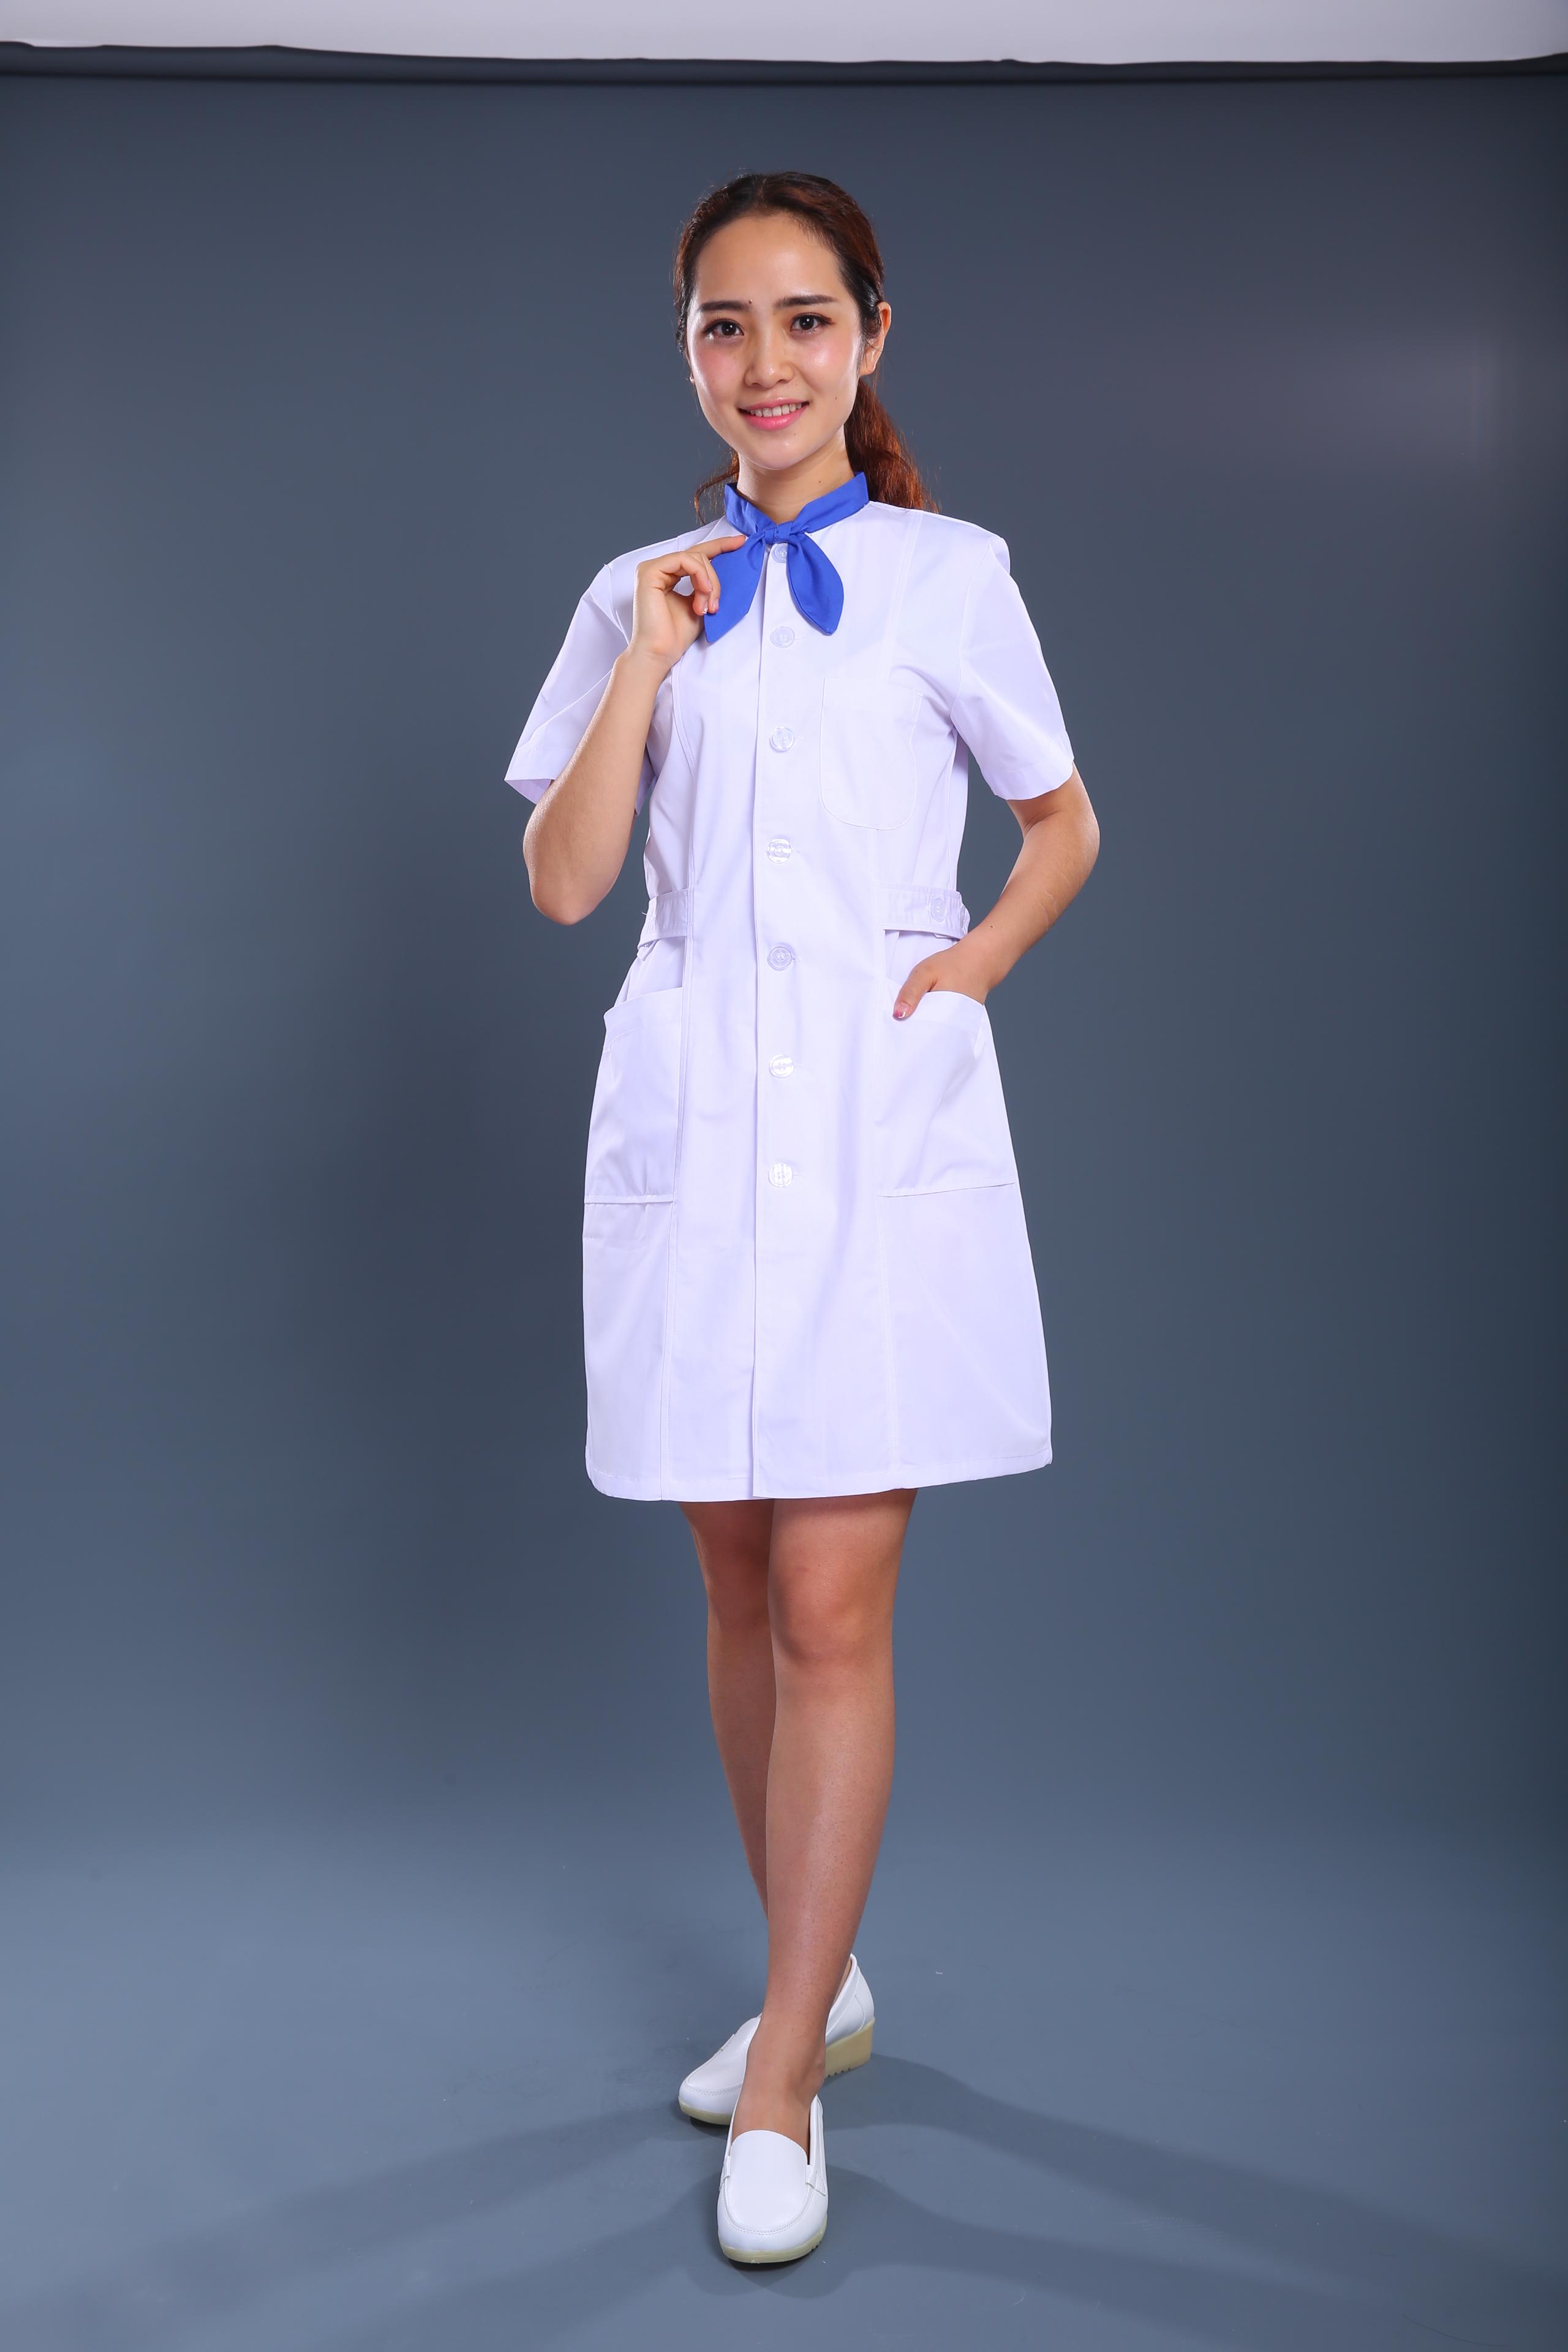 蓝白款护士制服